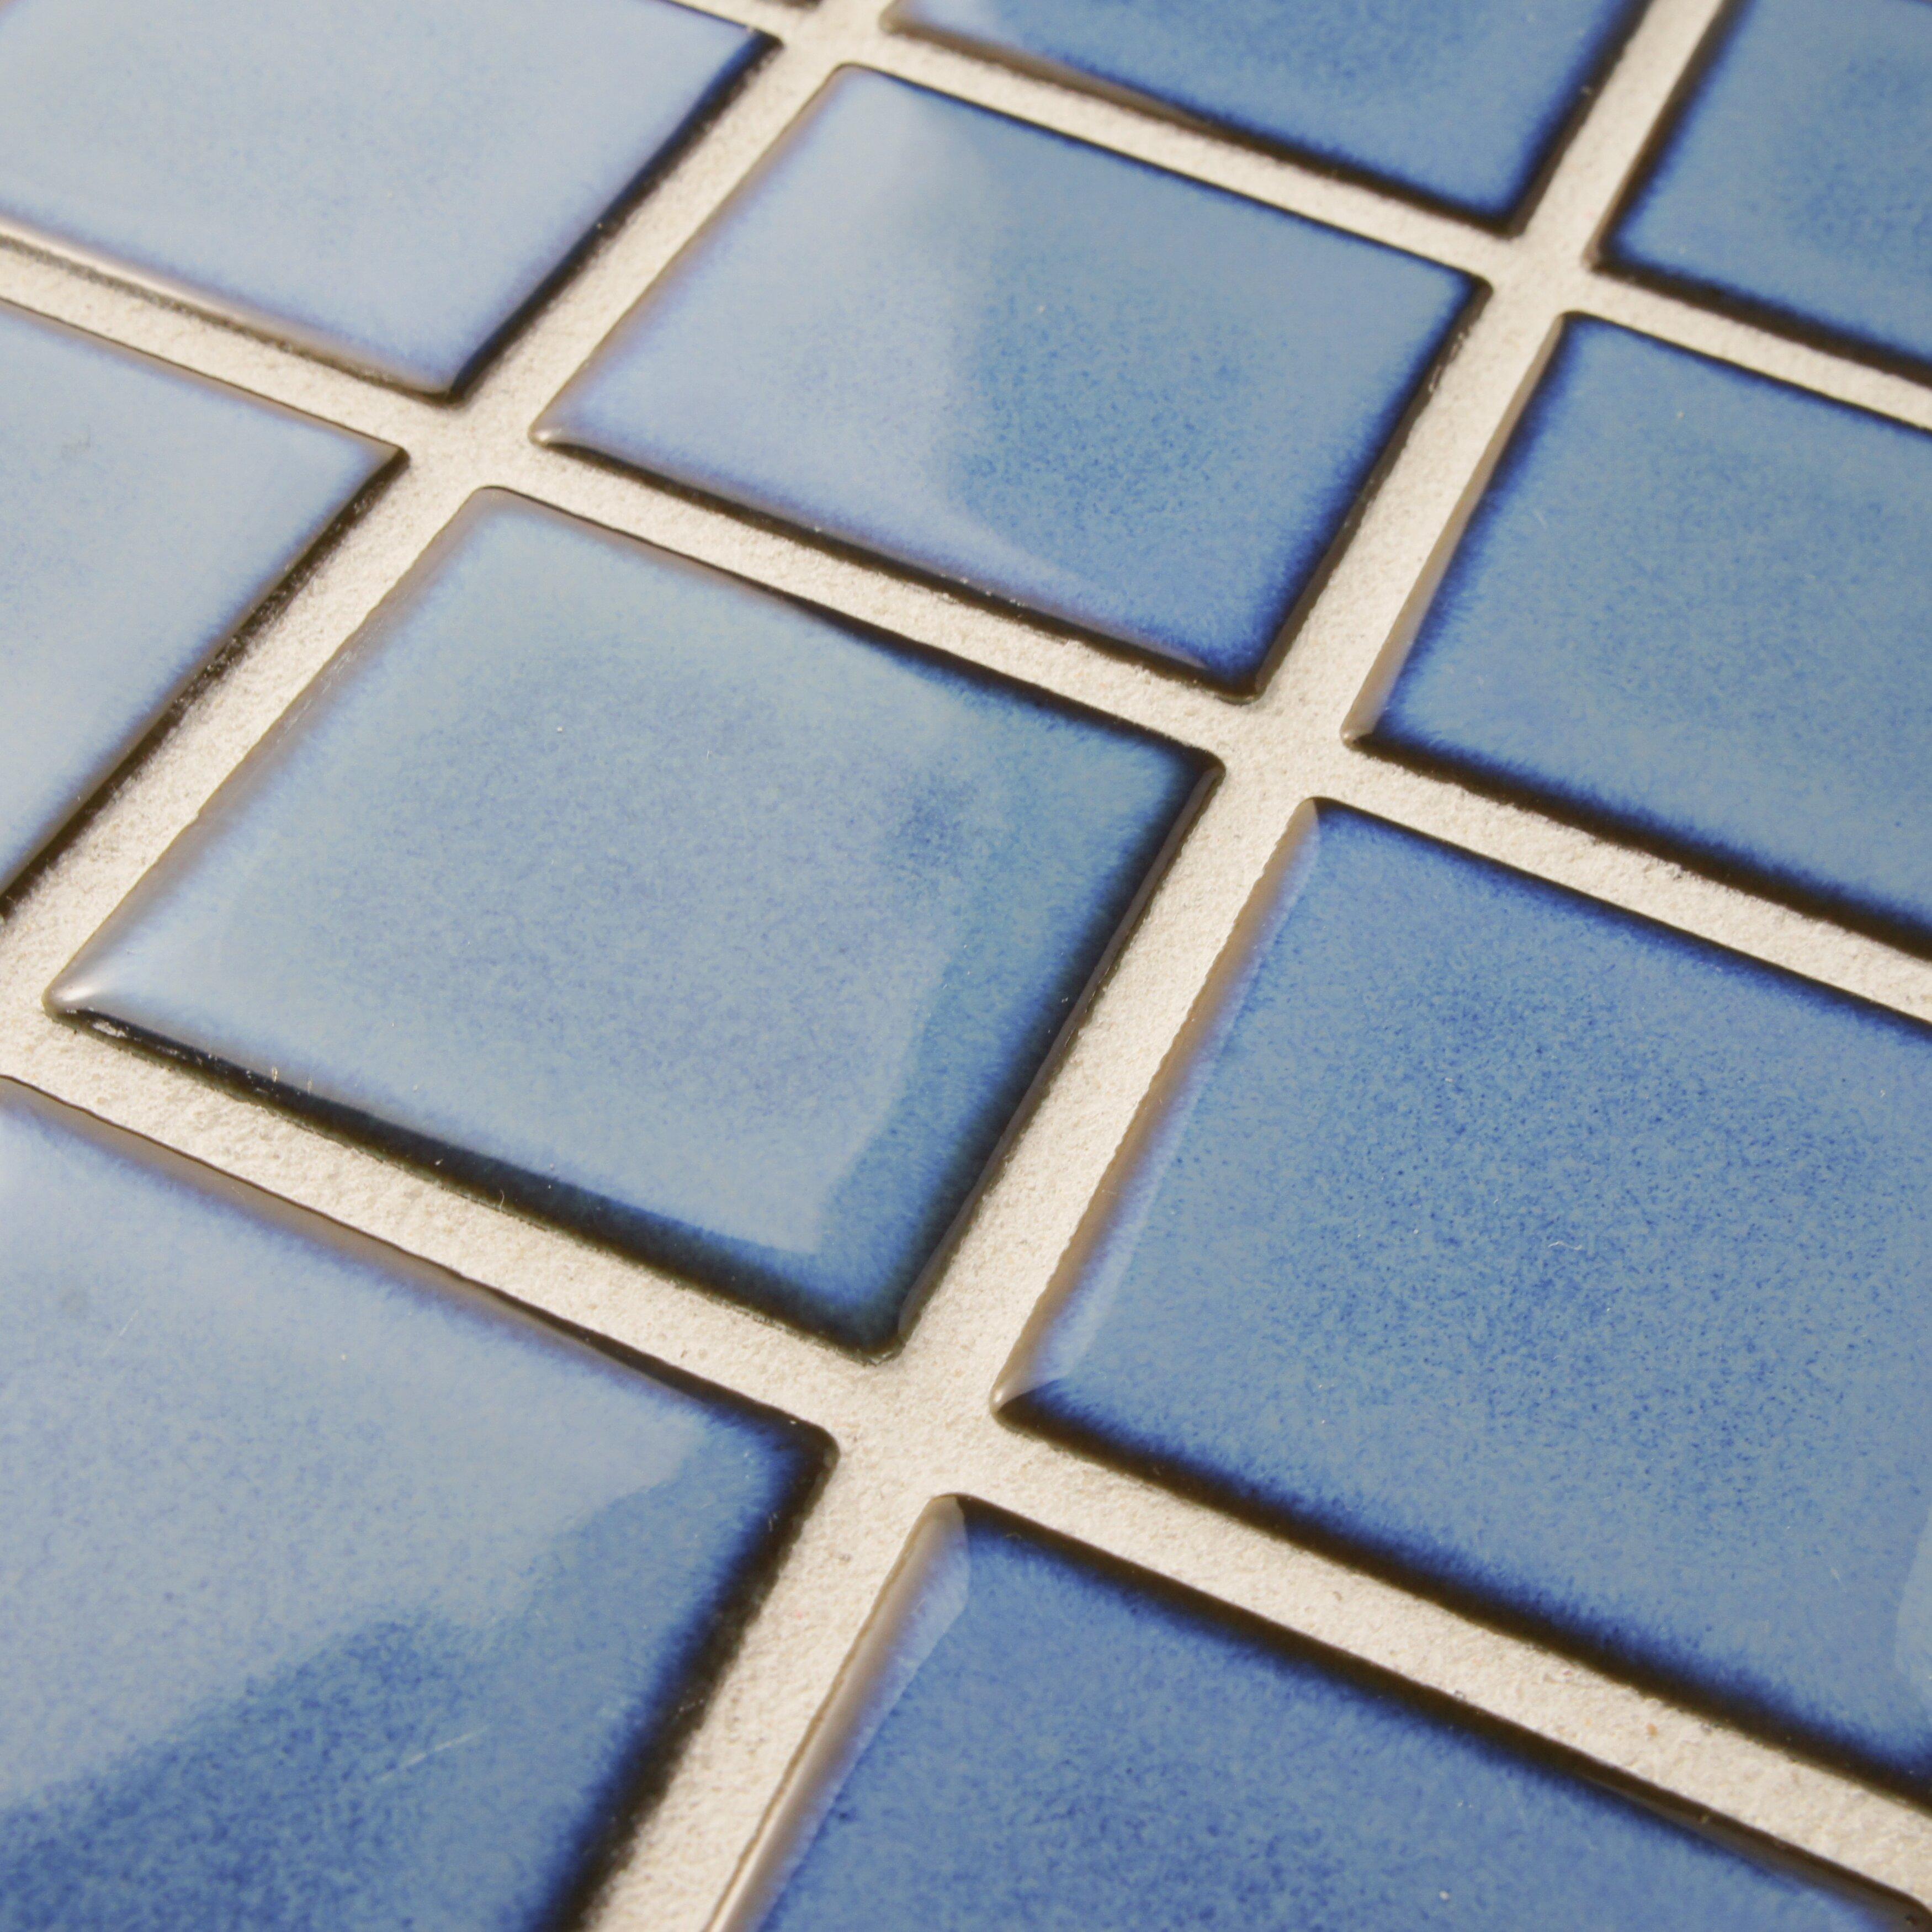 Elitetile arthur 2 x 2 porcelain mosaic tile in spring for 12 x 12 blue ceramic floor tile